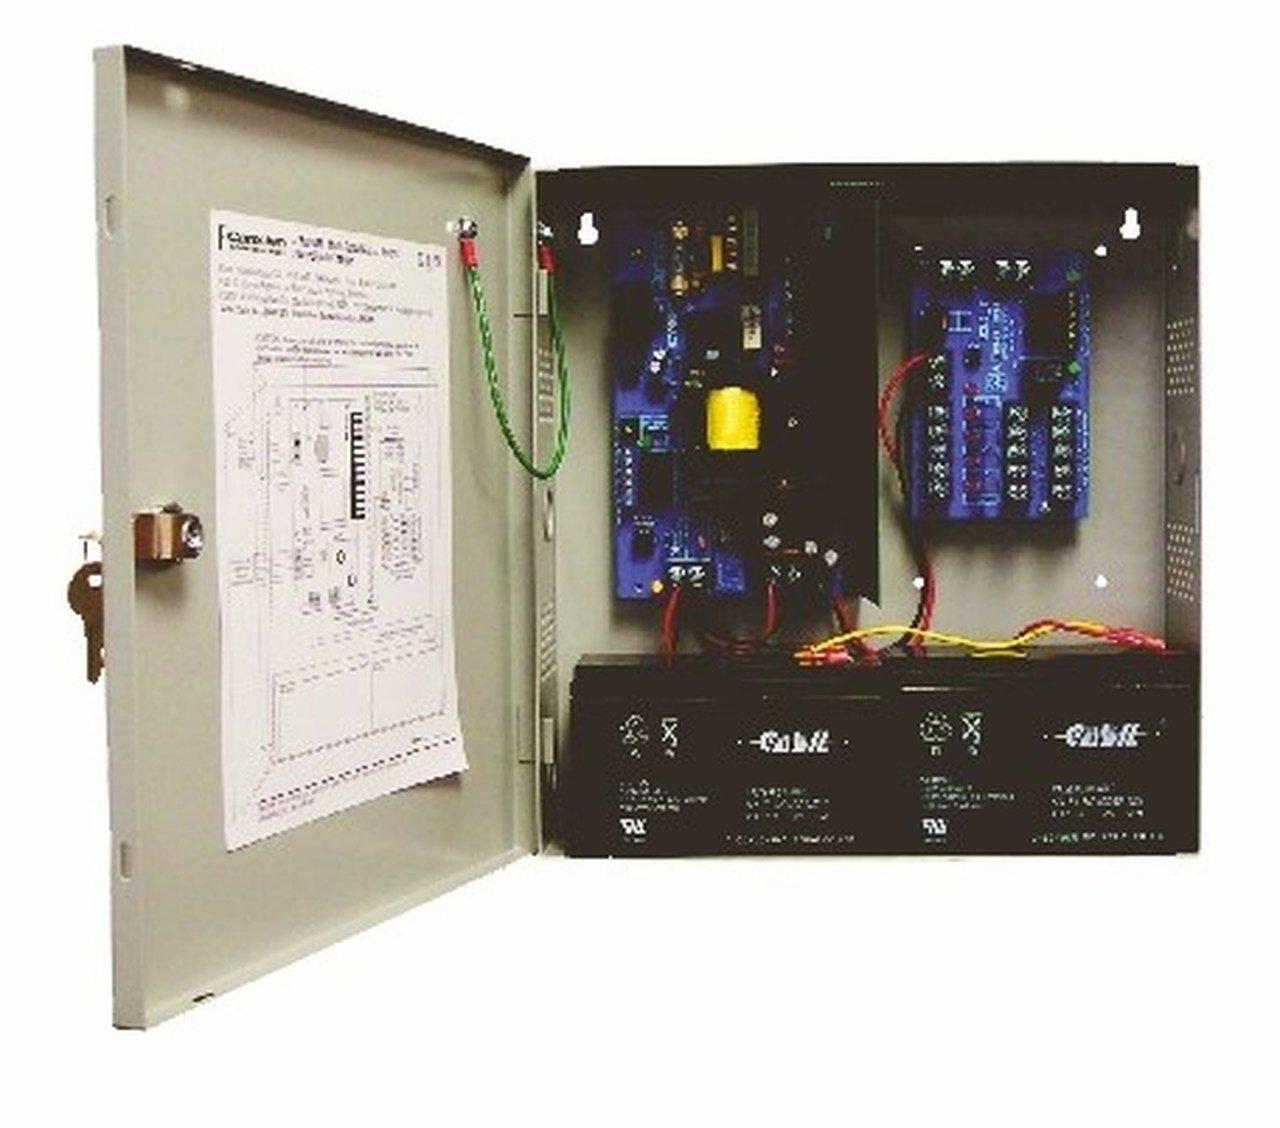 6 Amp Access Control Enclosure